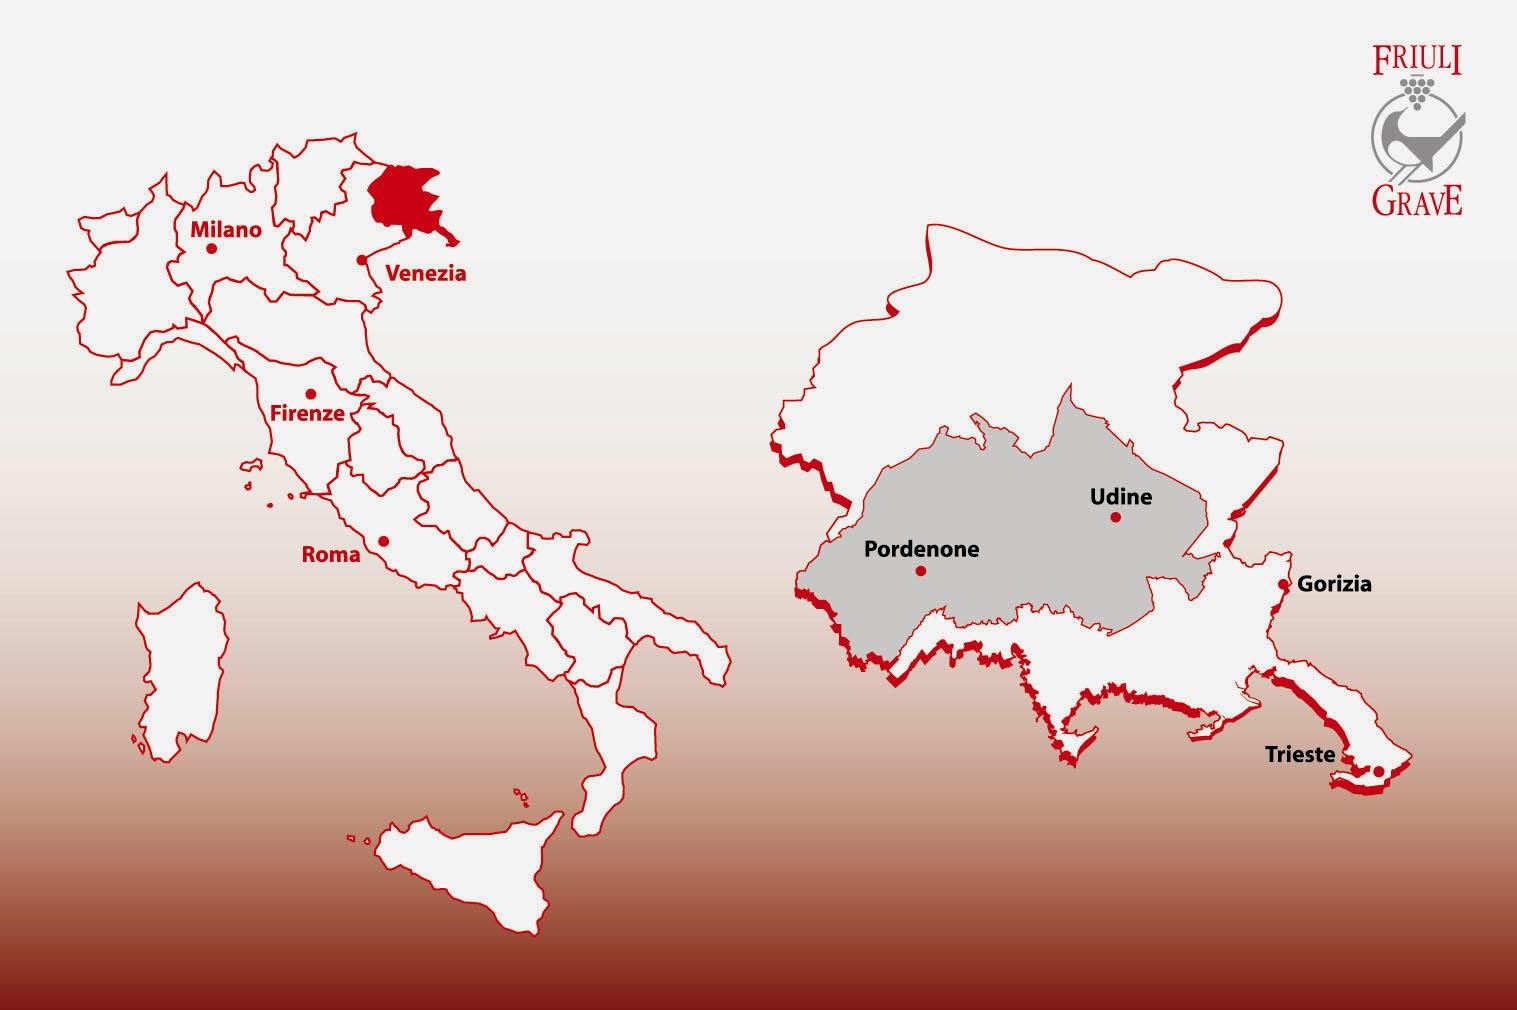 Friuli Grave DOC wine region